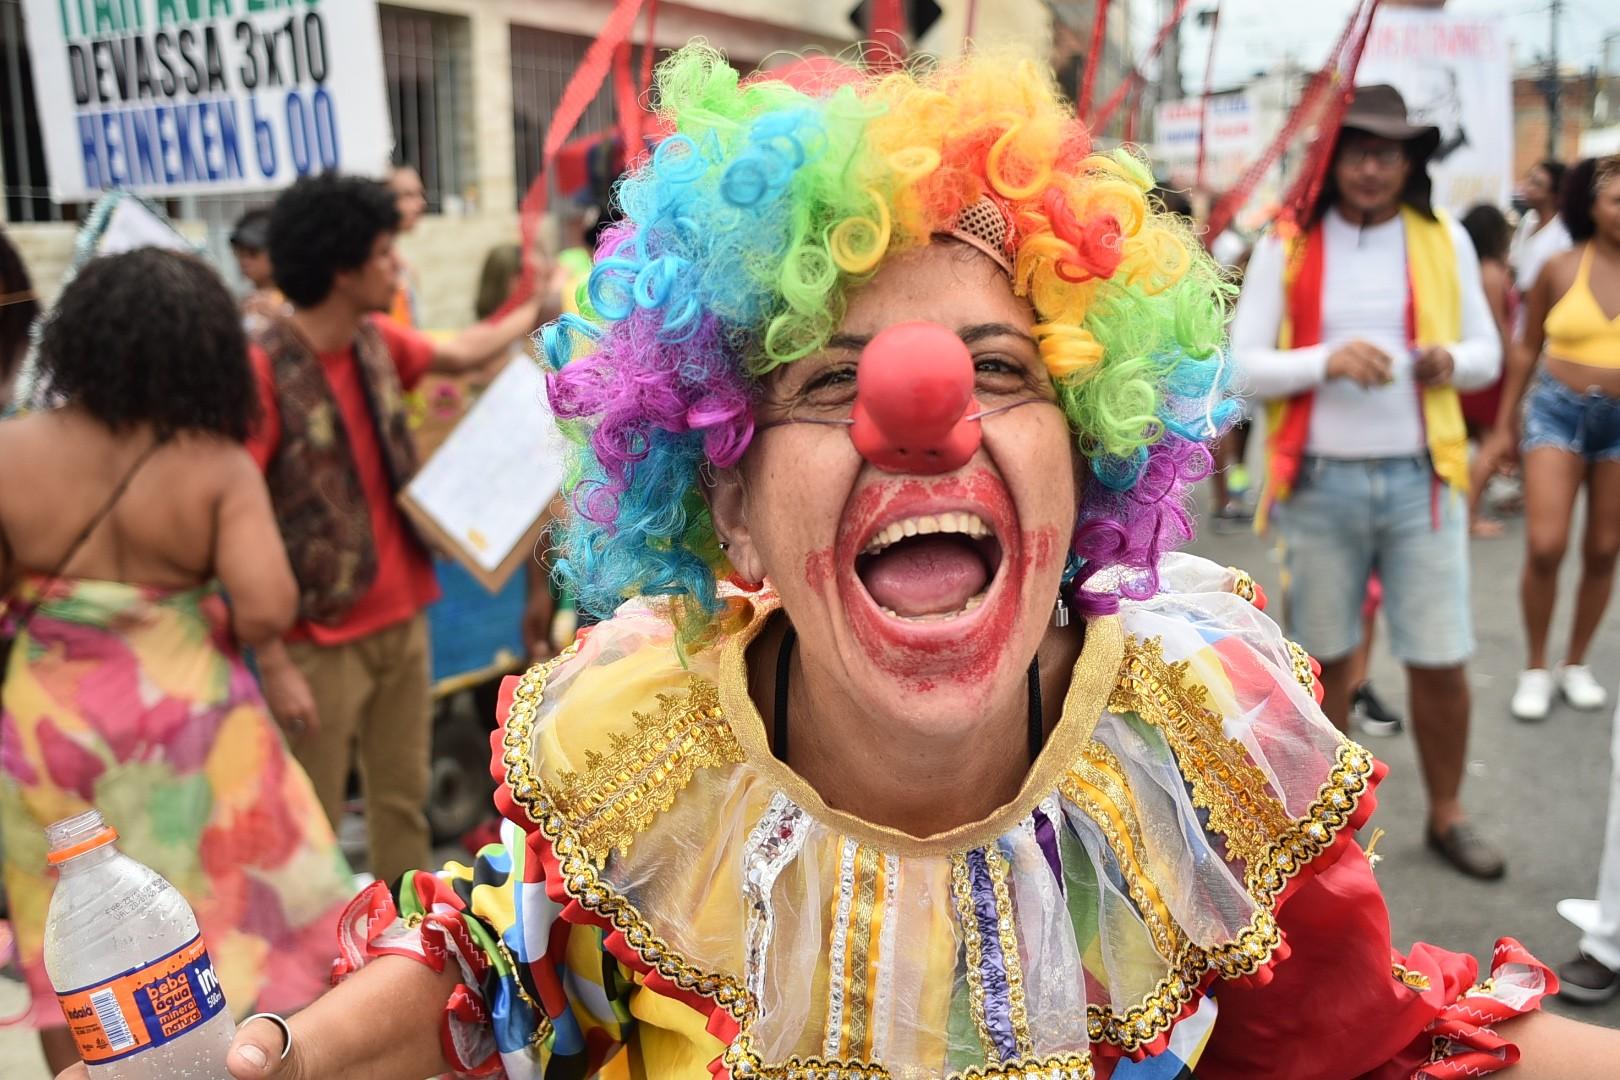 FOTOS: Veja imagens do desfile da Mudança do Garcia